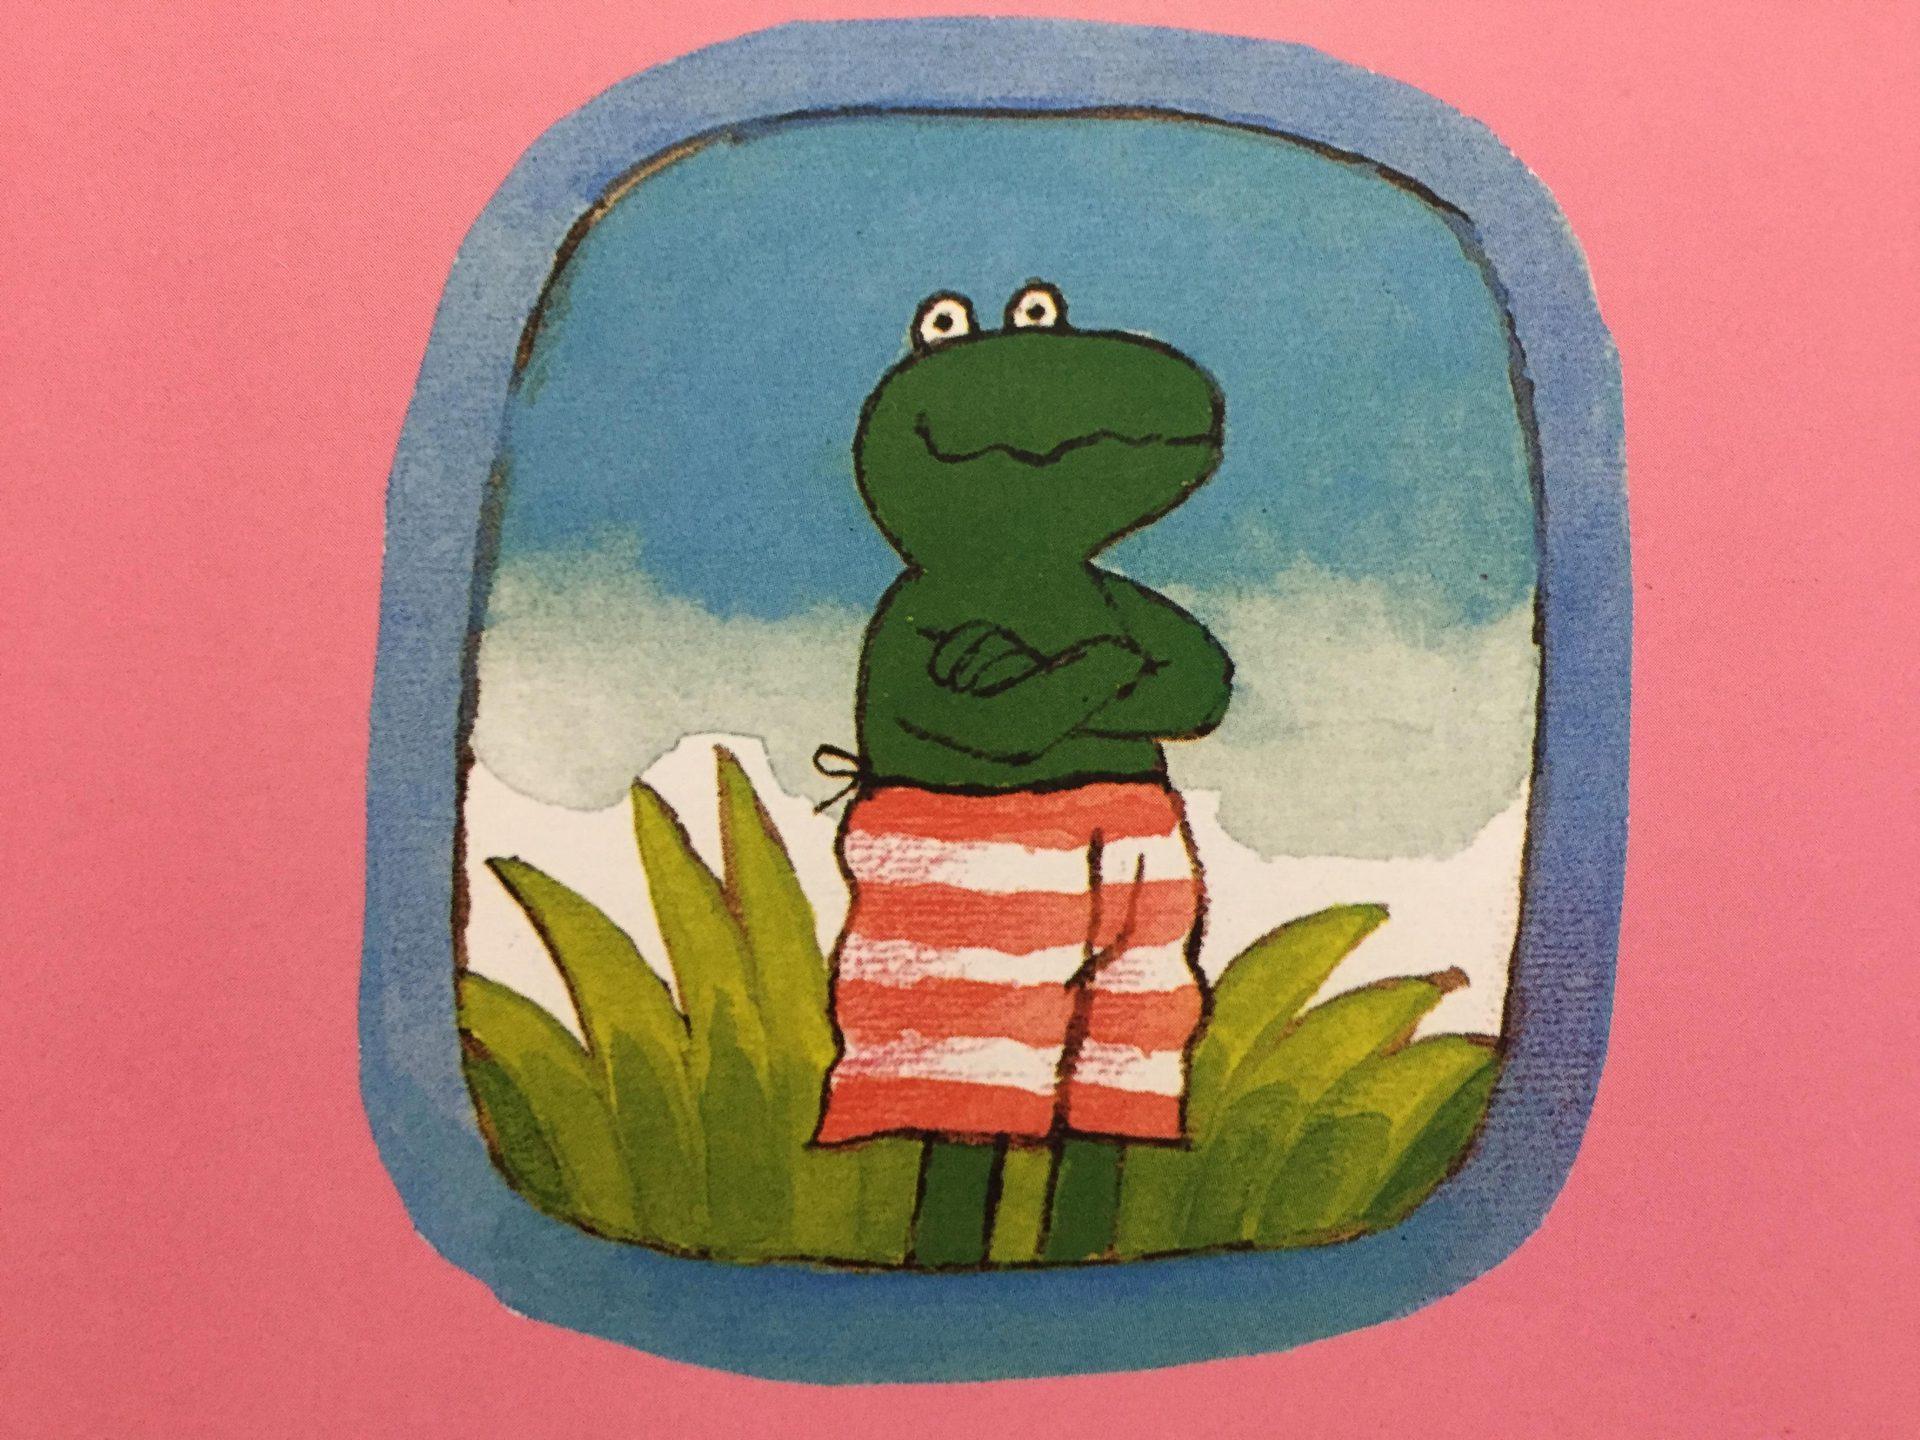 Livros que fazem as crianças crescerem #46: sobre um sapo e um elefante